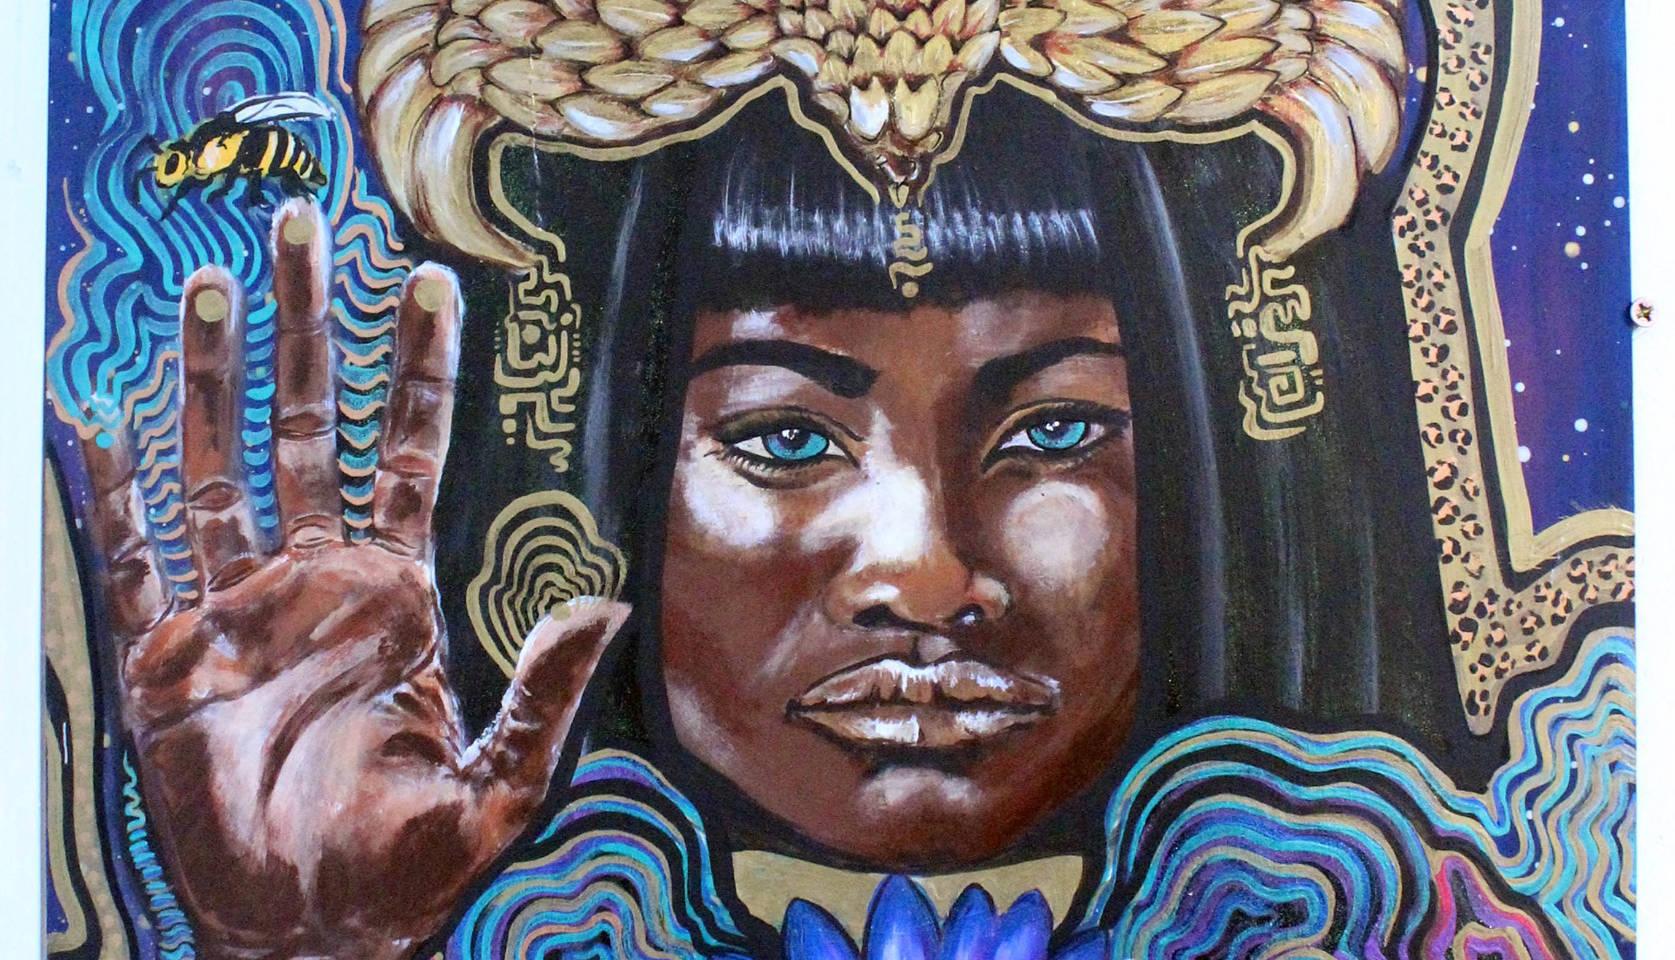 Queen Sheeba